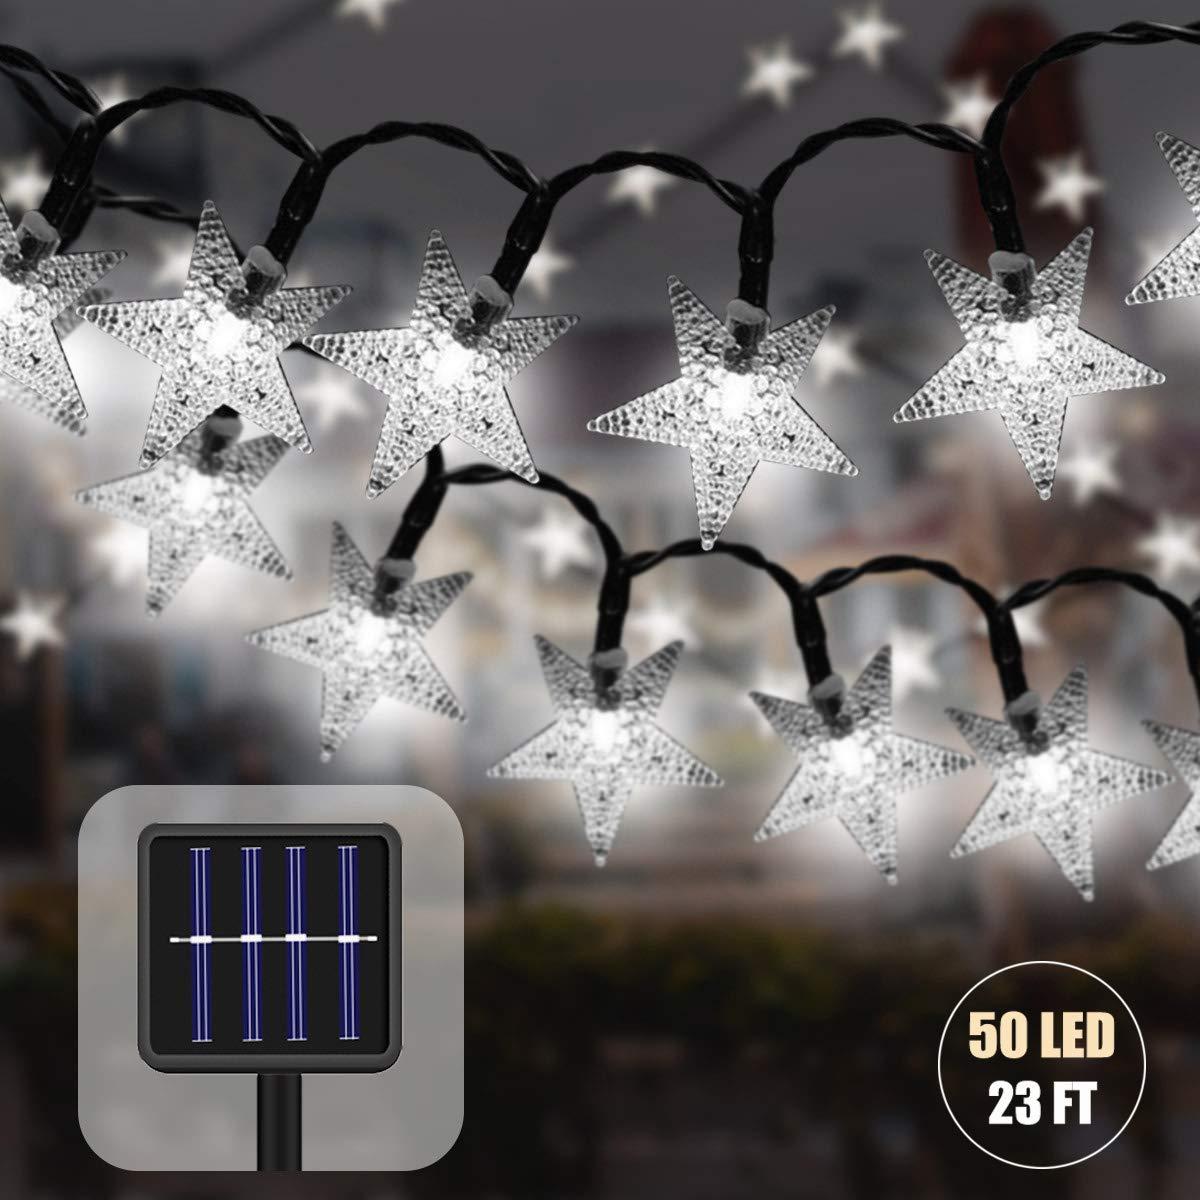 Guirnaldas Luces Exterior 7 M 50 LED Impermeable Cadena de Luces Solares Estrella Luces de Hadas Decoraci/ón para Jardin Fiesta Casa Bodas Amarillo